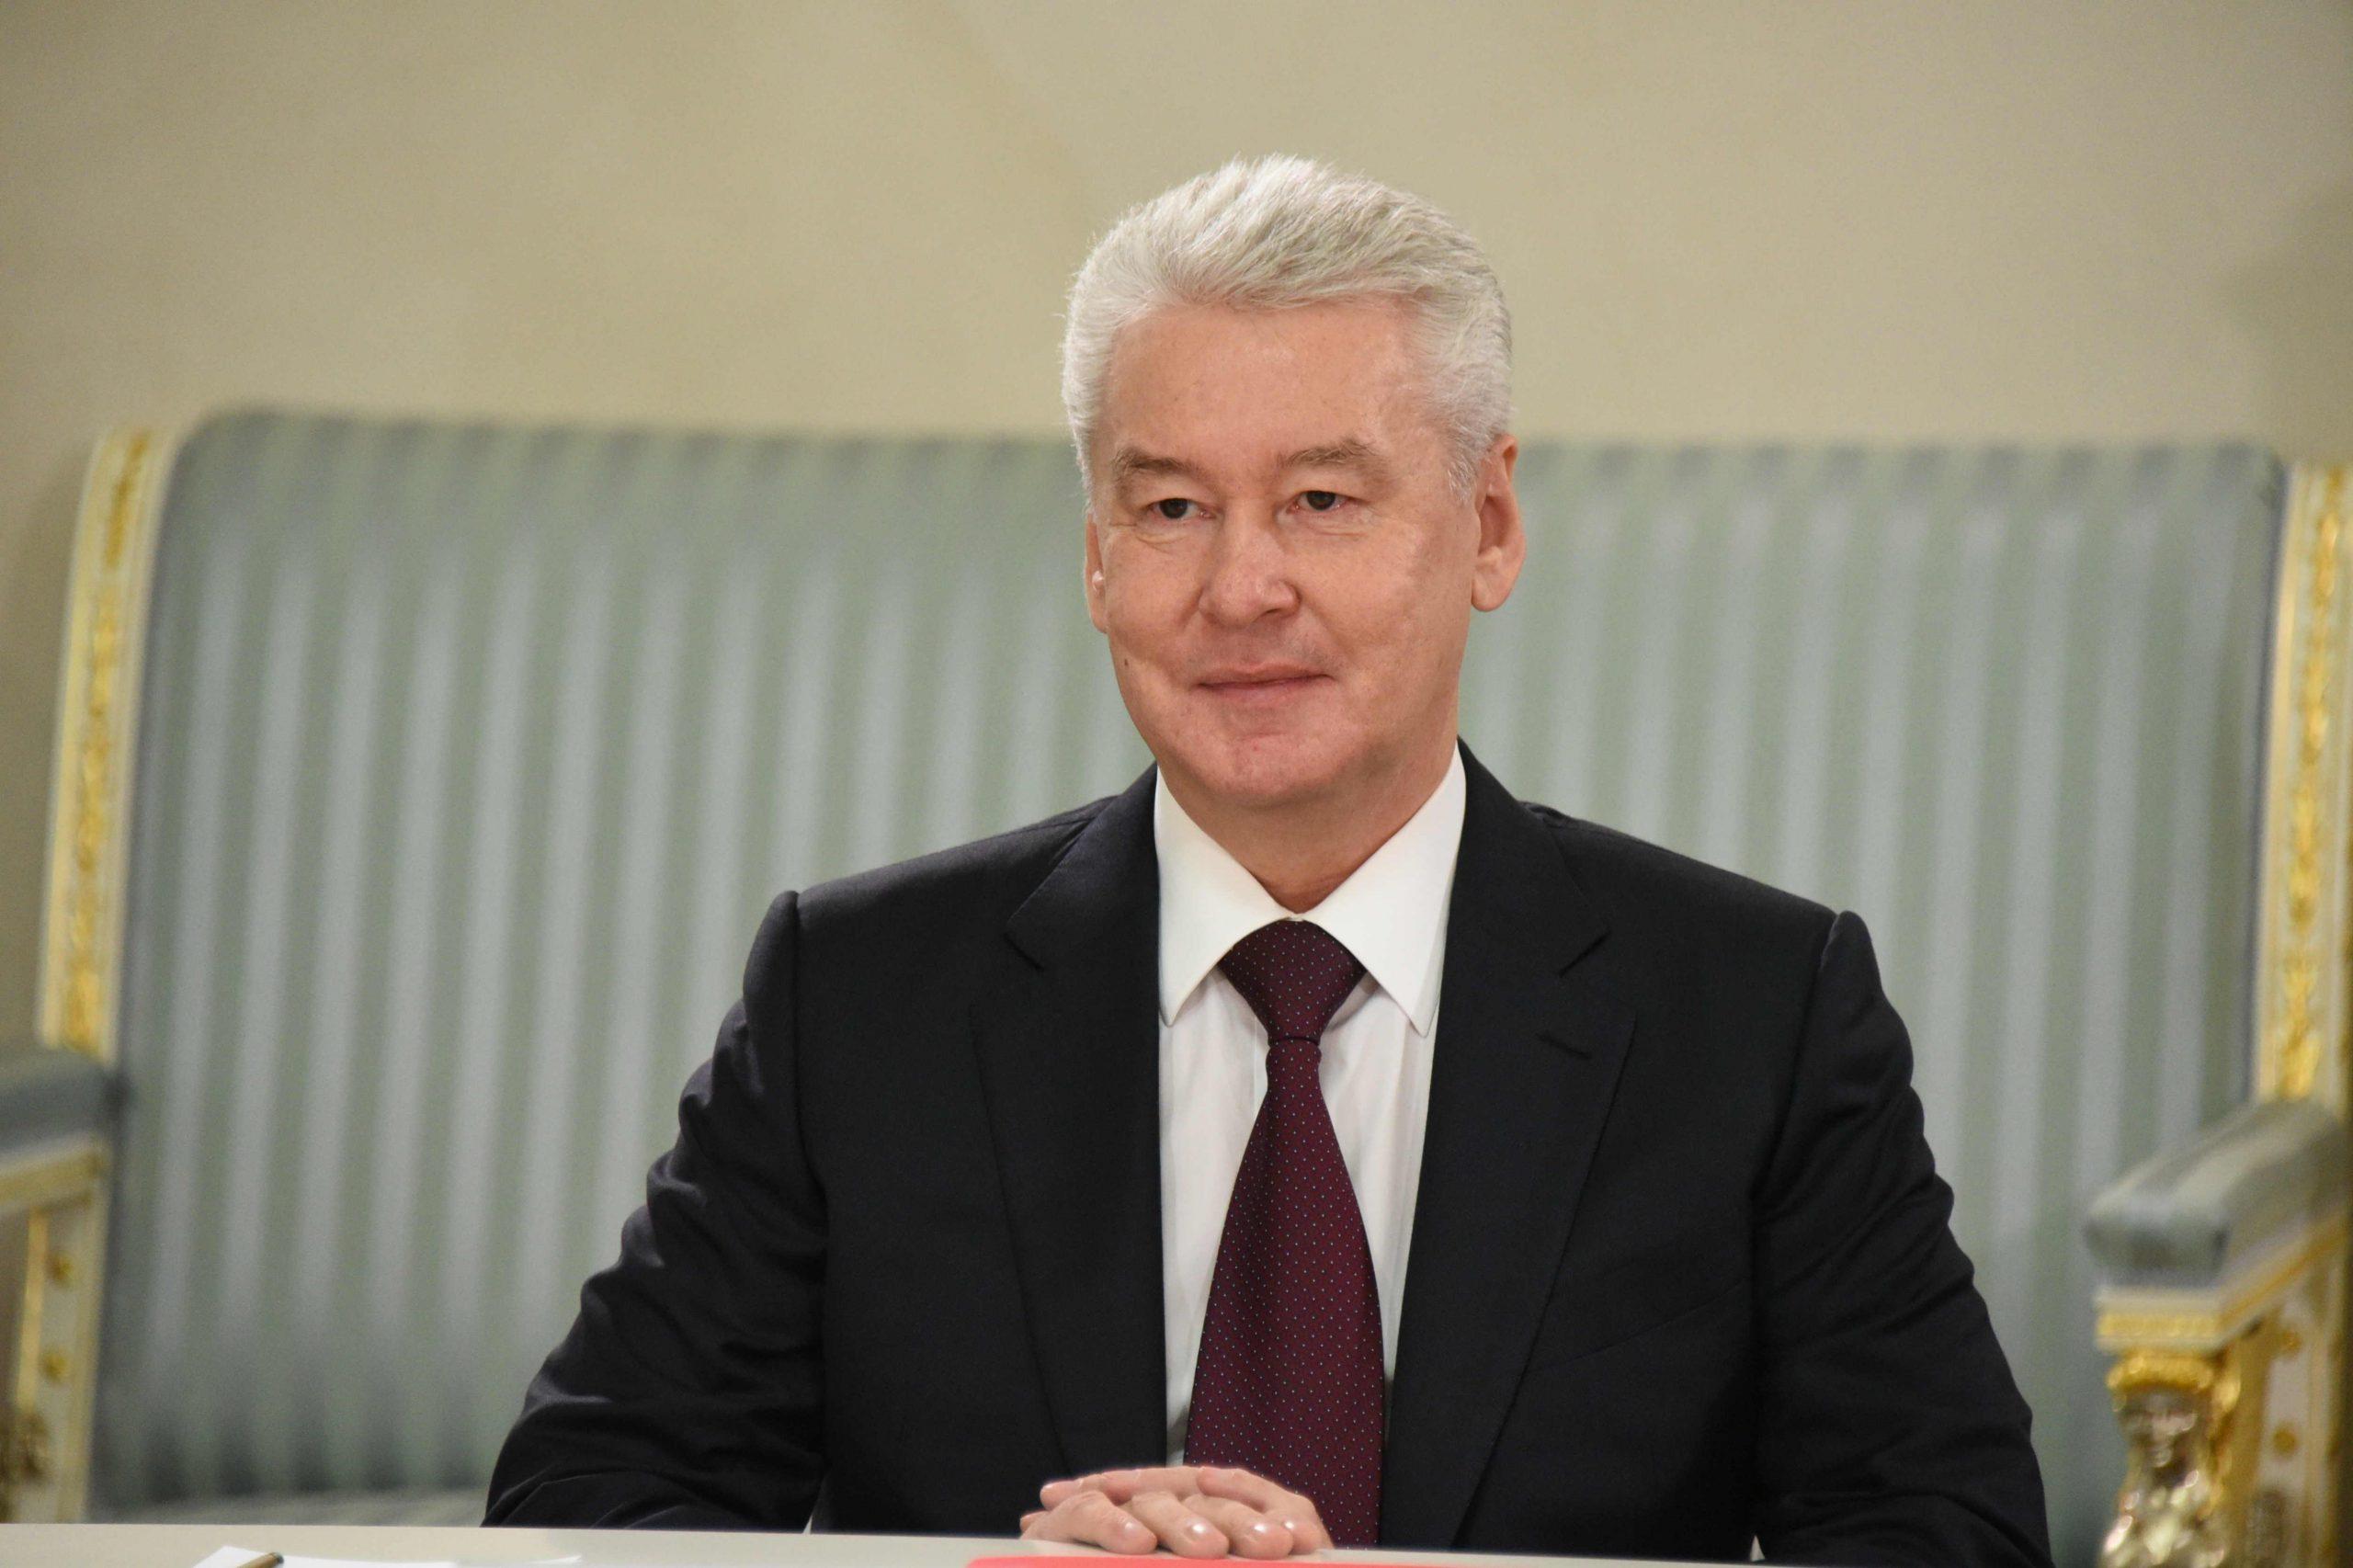 Мэр Москвы Сергей Собянин рассказал о процессе строительства медицинских объектов в столице